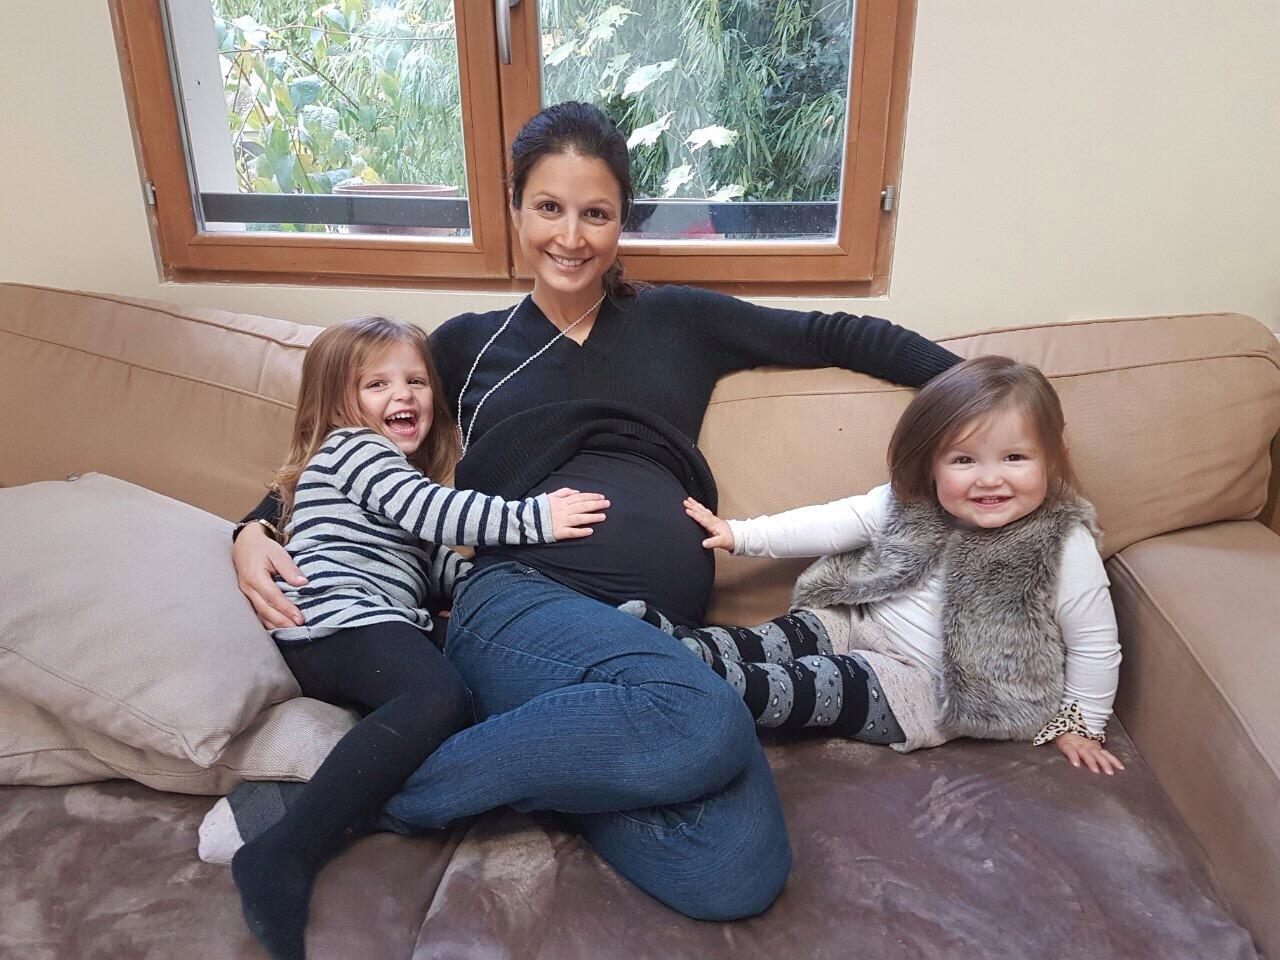 Brune, maman de Victoire, 4 ans, Clémentine, 3 ans et Valentin, 17 mois – Naturopathe.